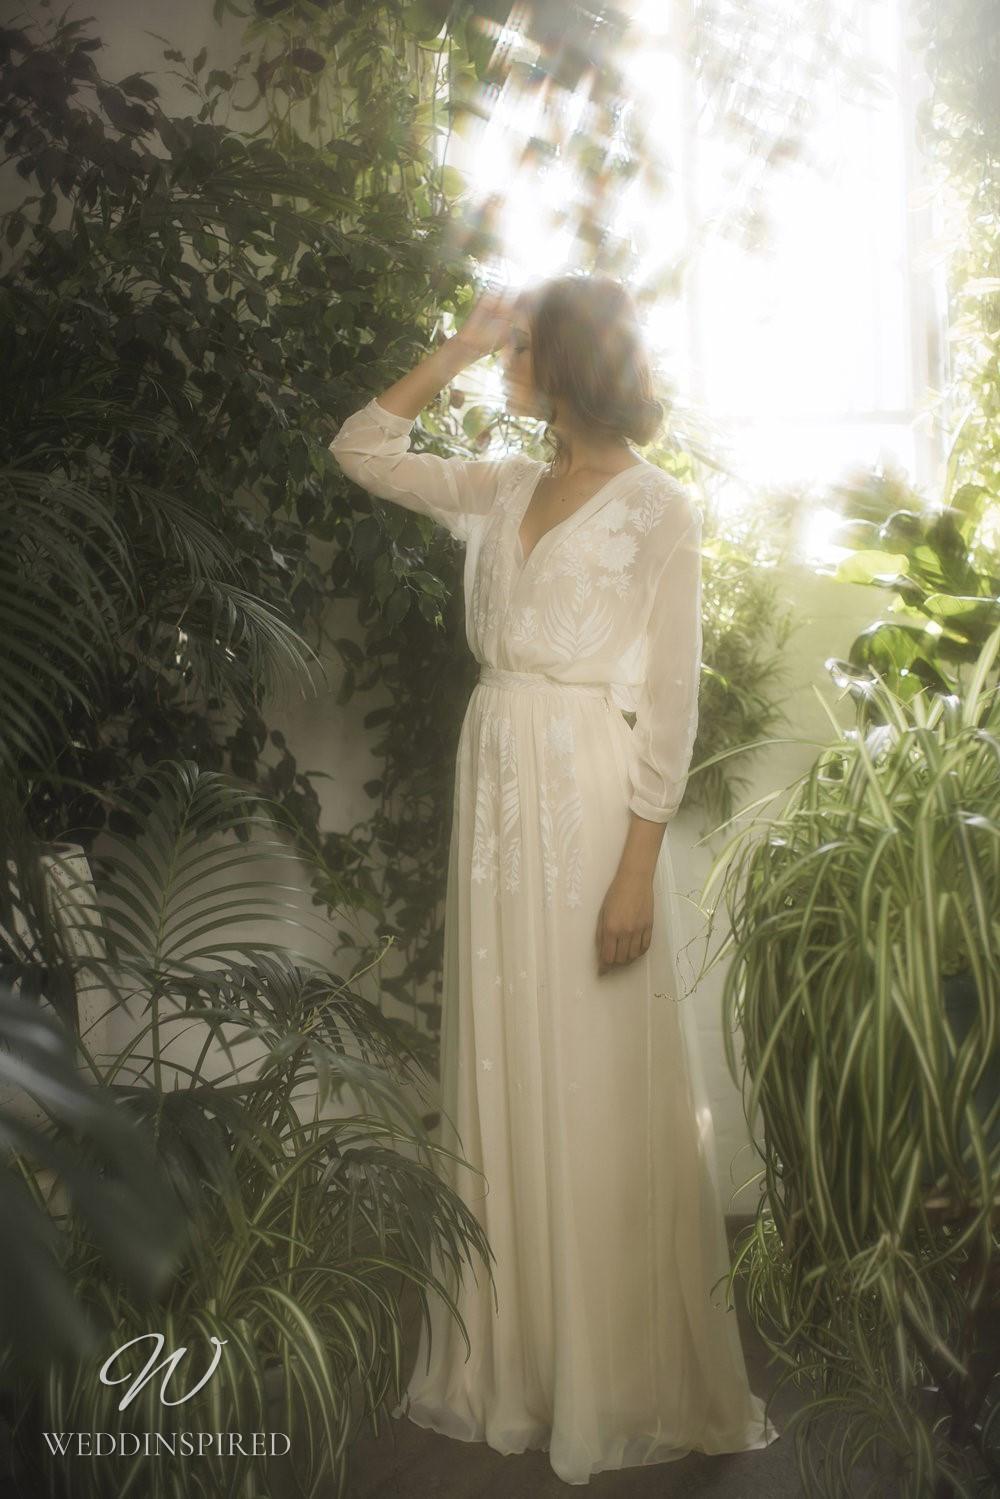 An Olwen Bourke soft flowy chiffon sheath wedding dress with long sleeves and a v neck